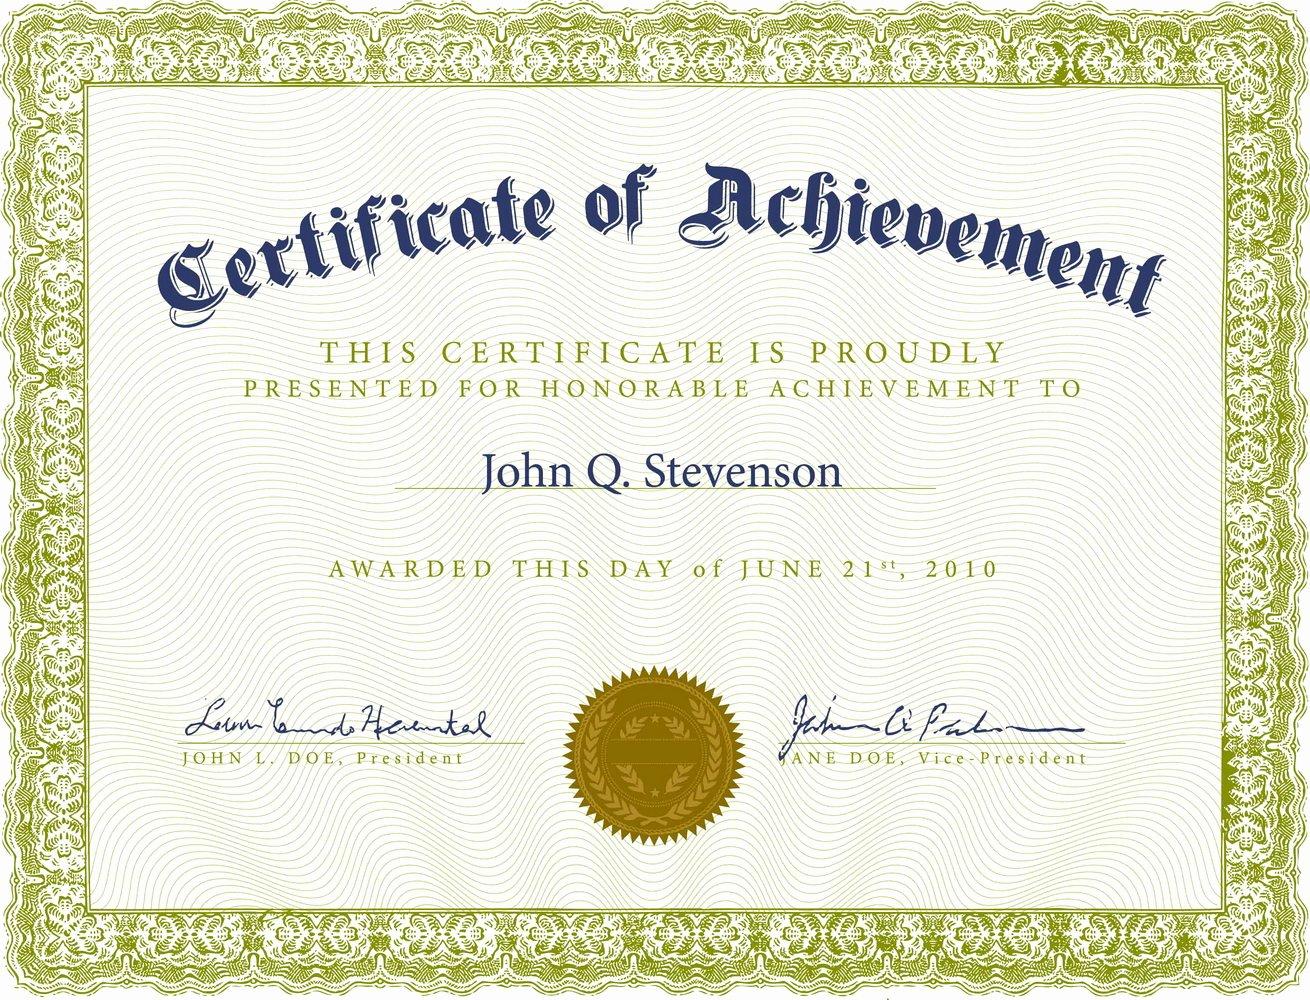 Cub Scout Certificate Of Appreciation Template Fresh Certificate Appreciation Template Boy Scouts